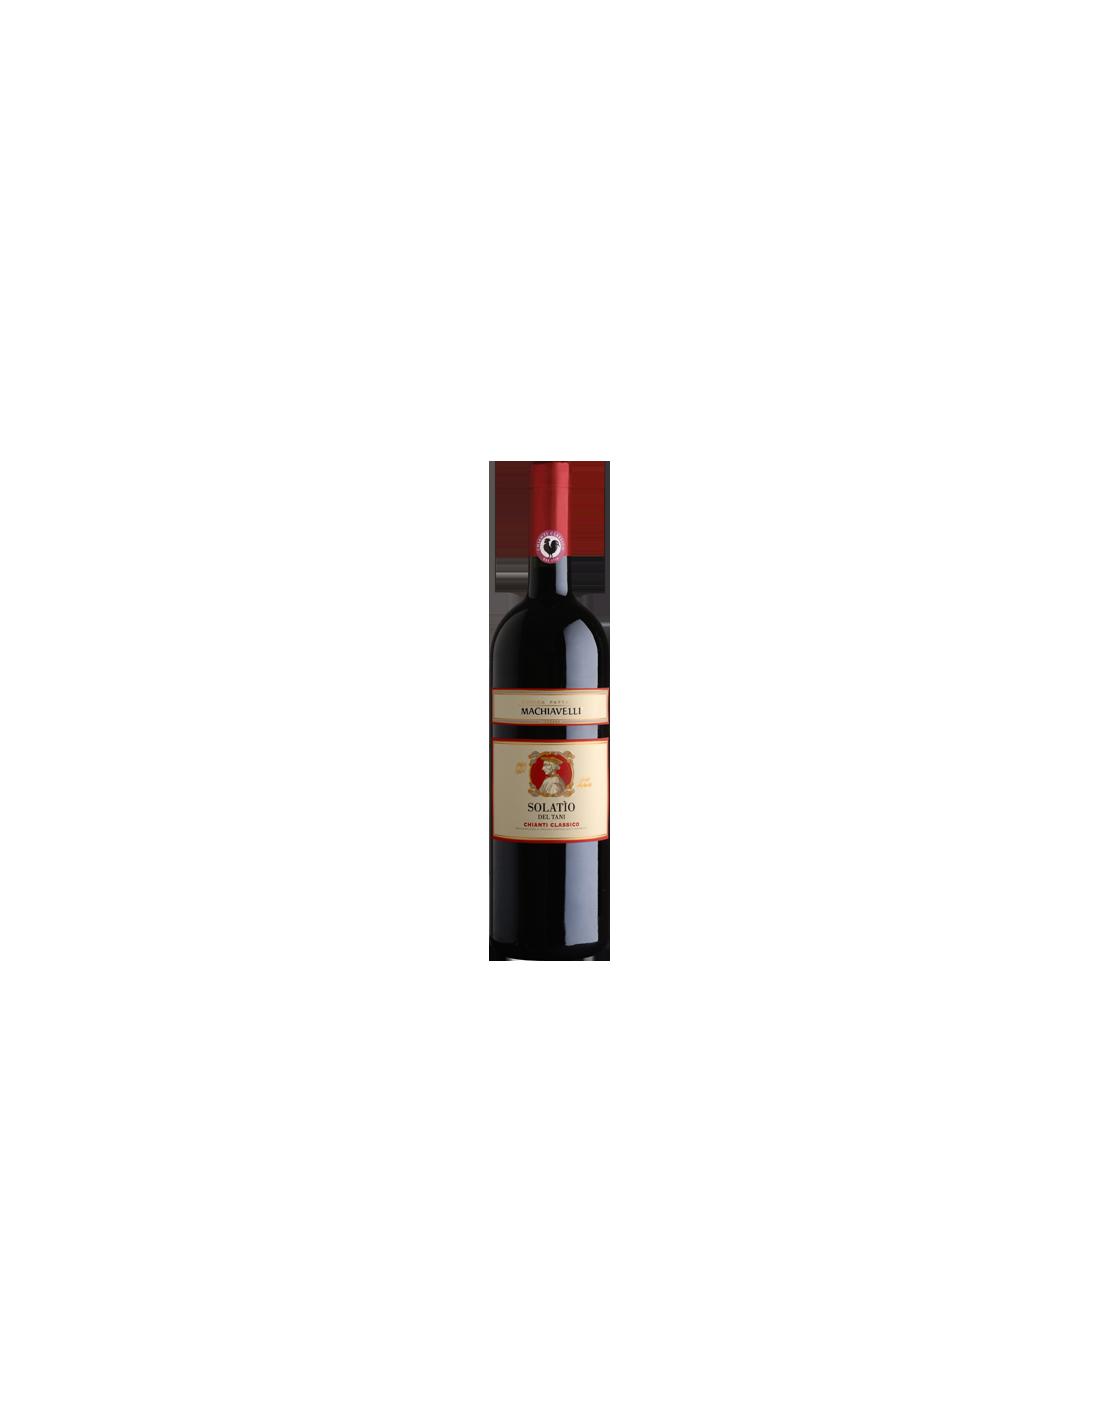 Vin rosu, Sangiovese, Machiavelli Solatìo, 0.75L, 14% alc., Italia